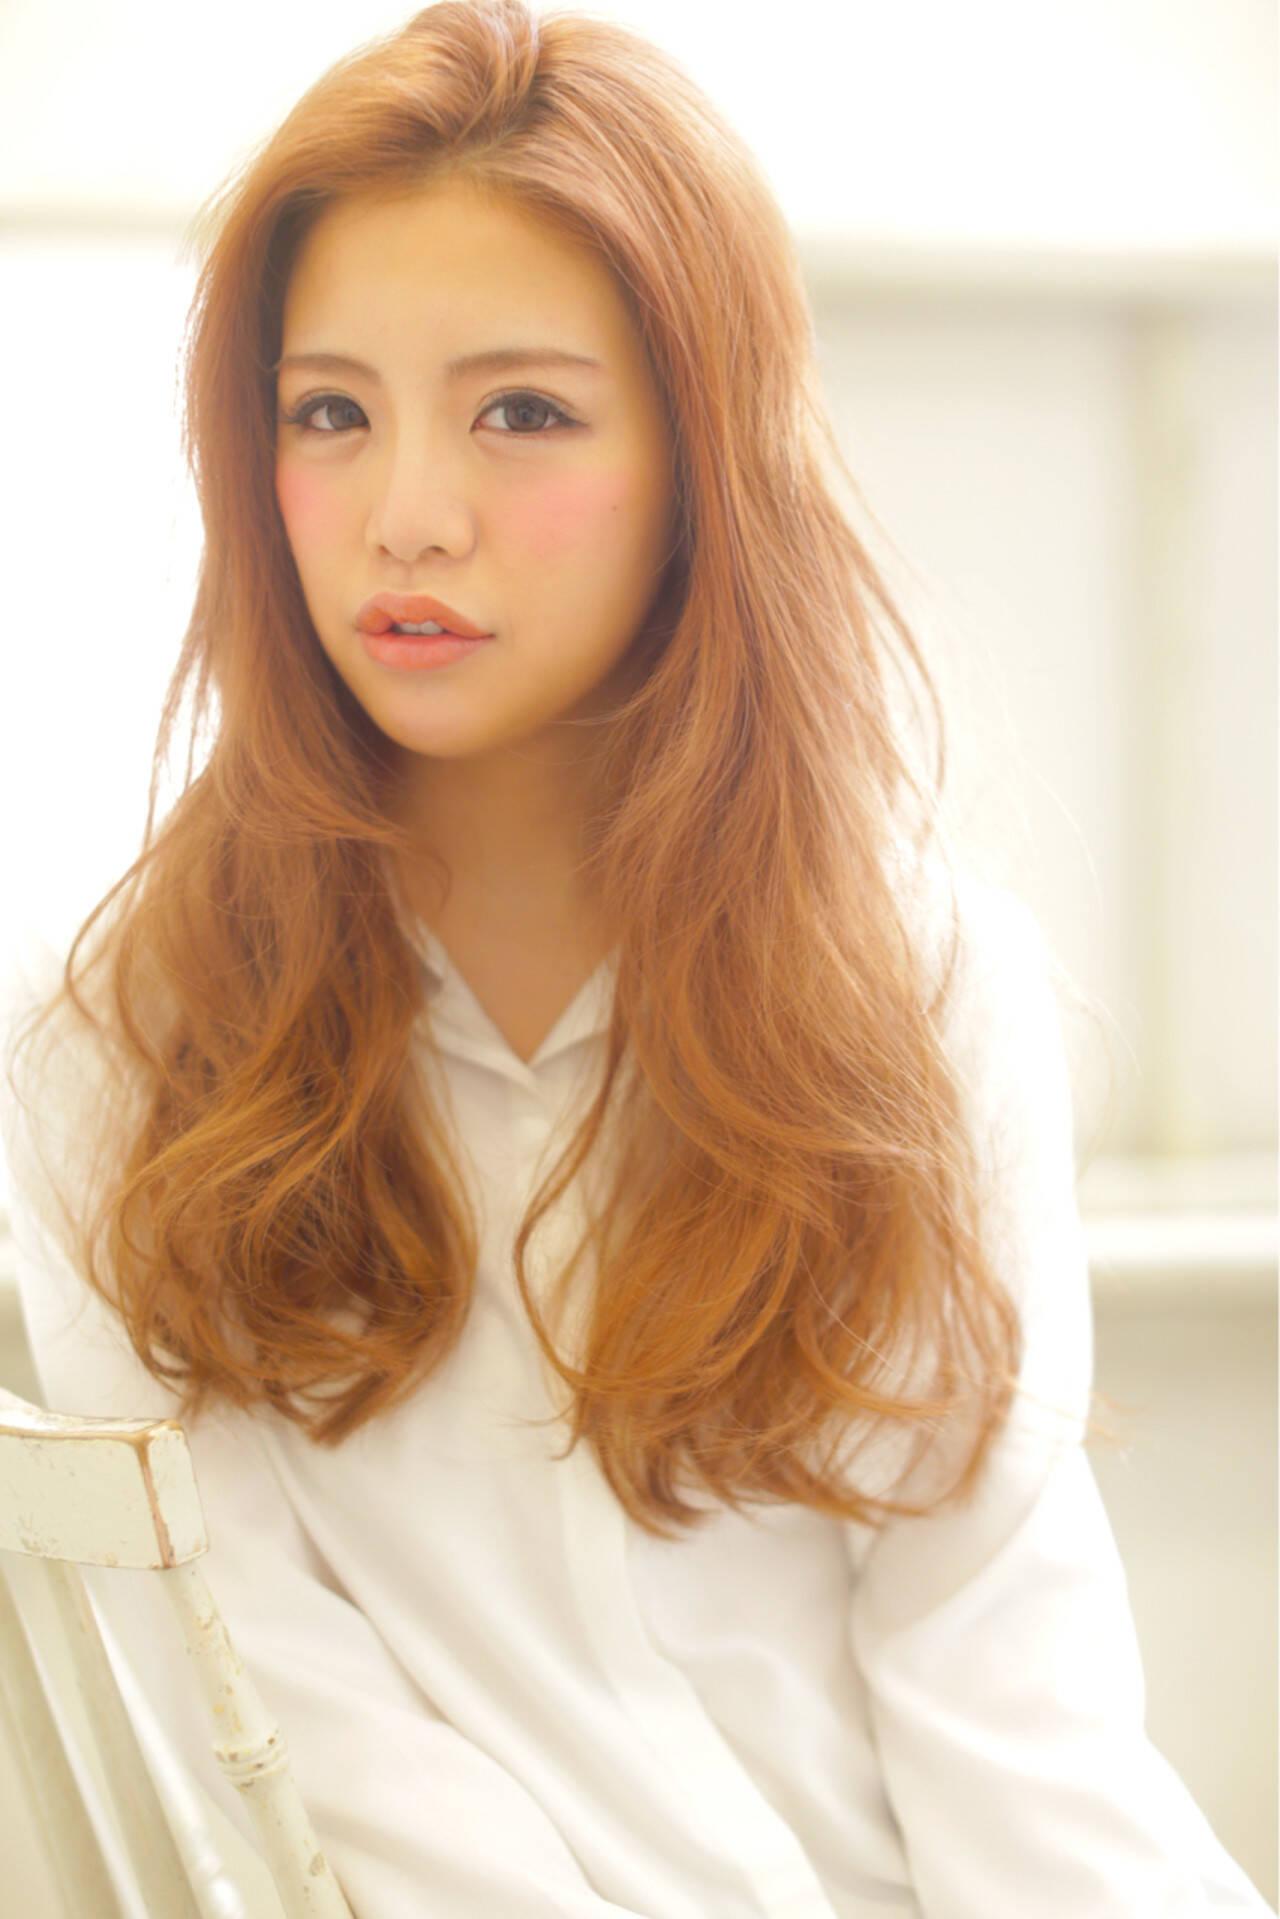 ヘアアレンジ ハイライト 渋谷系 パーマヘアスタイルや髪型の写真・画像